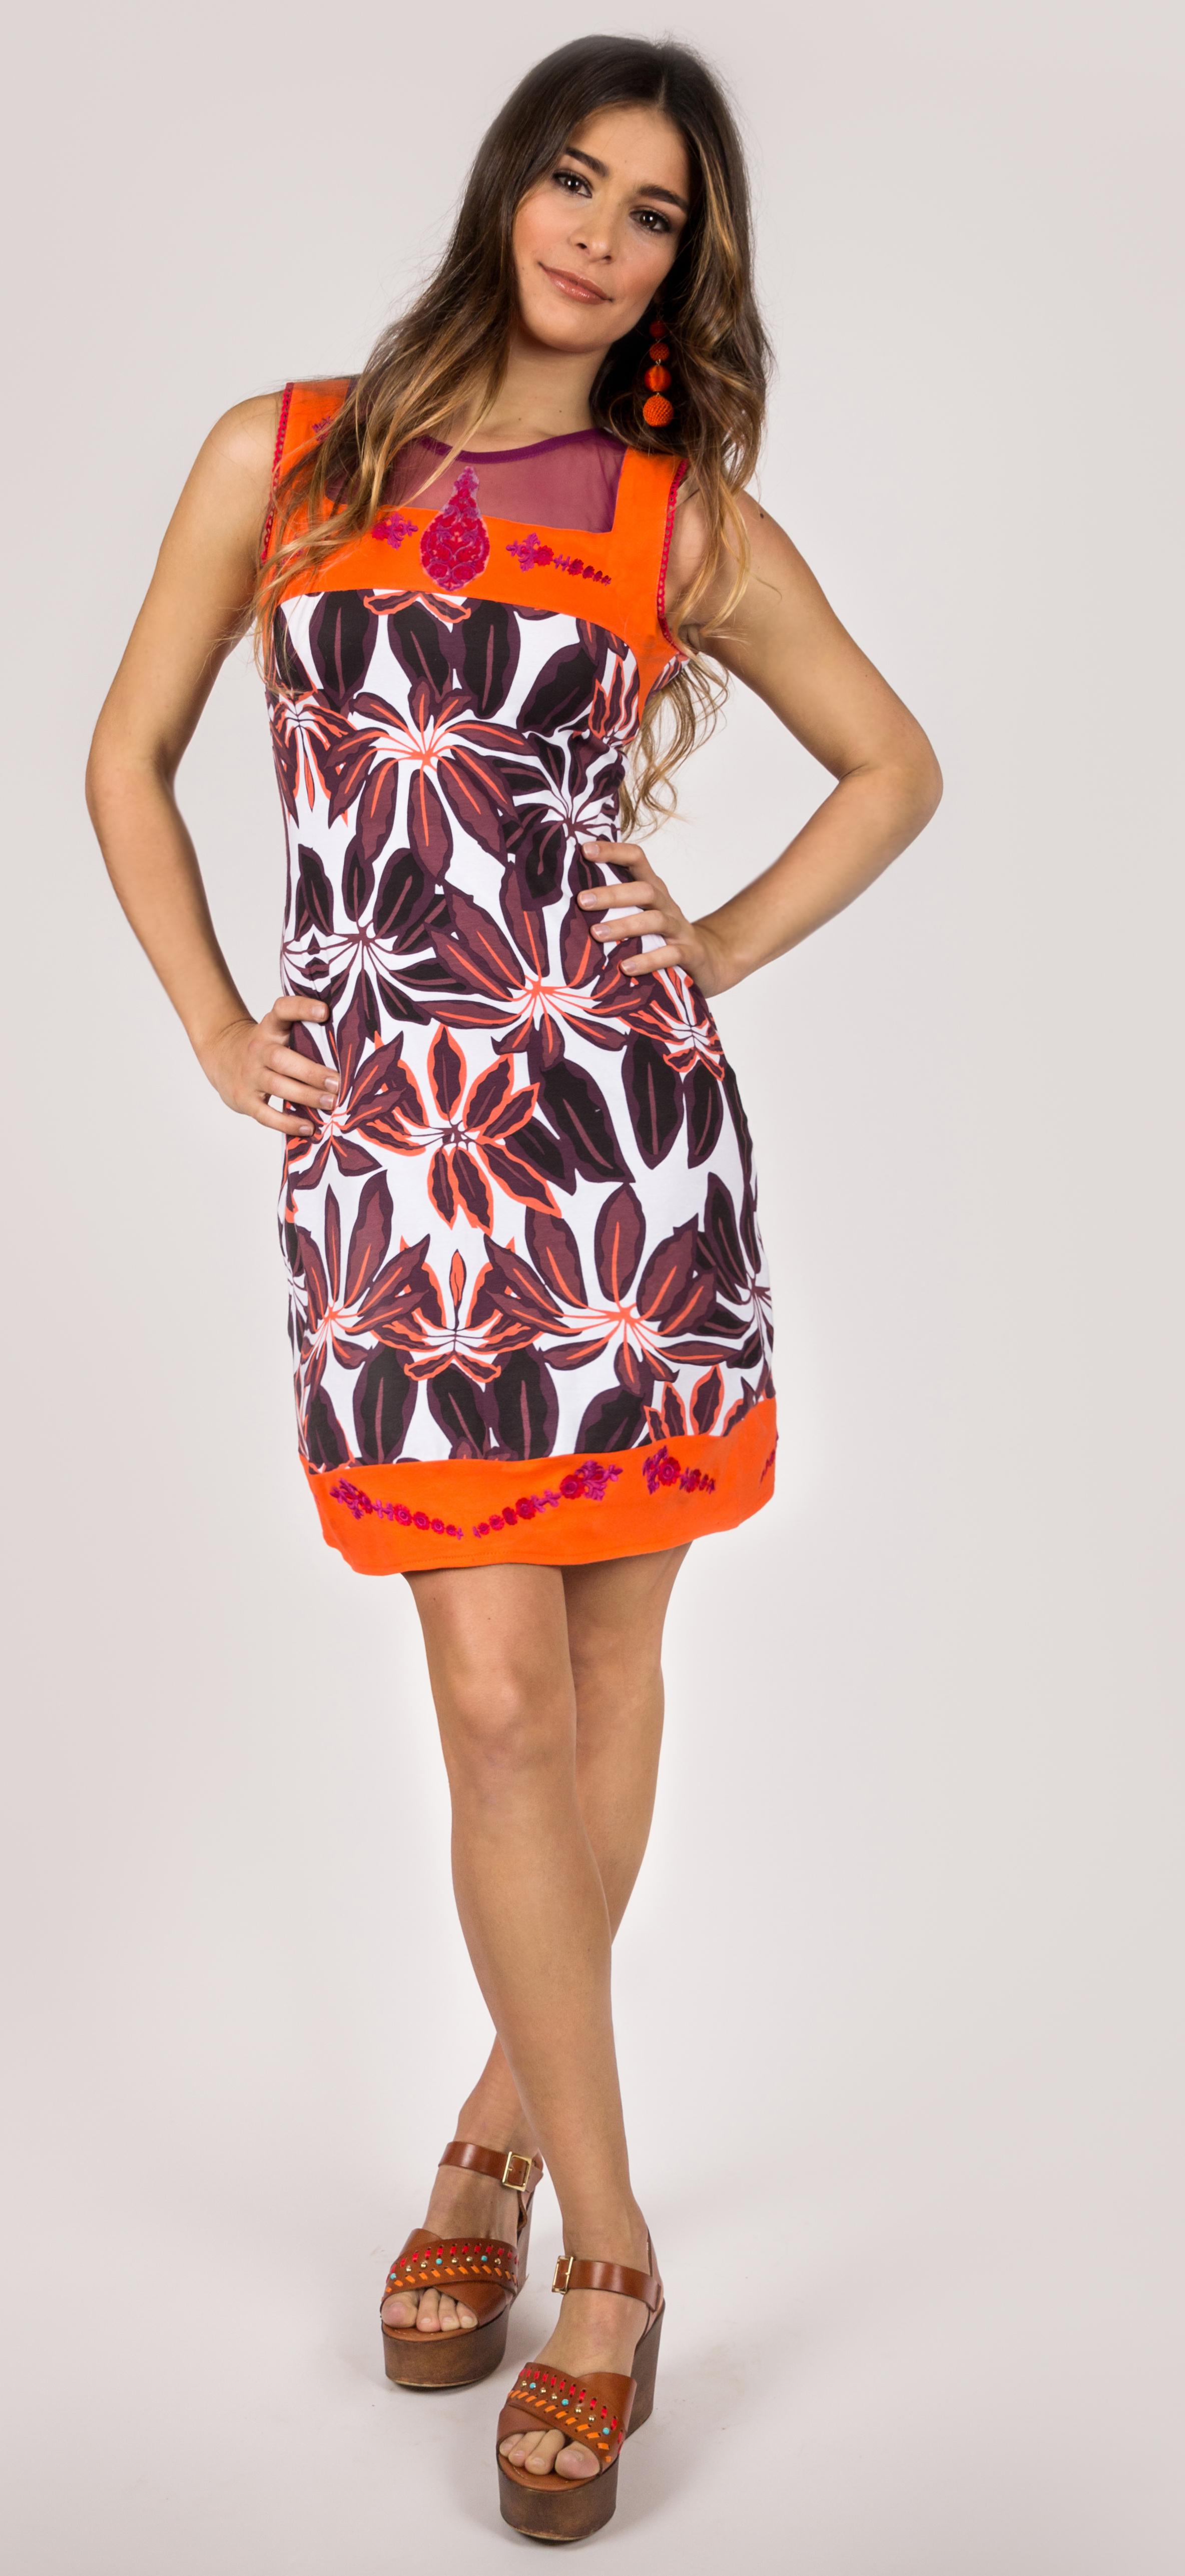 Shoklett Spain: Orange Hibiscus Fit & Flare Dress Samantha SHOKLETT_10062S19DR